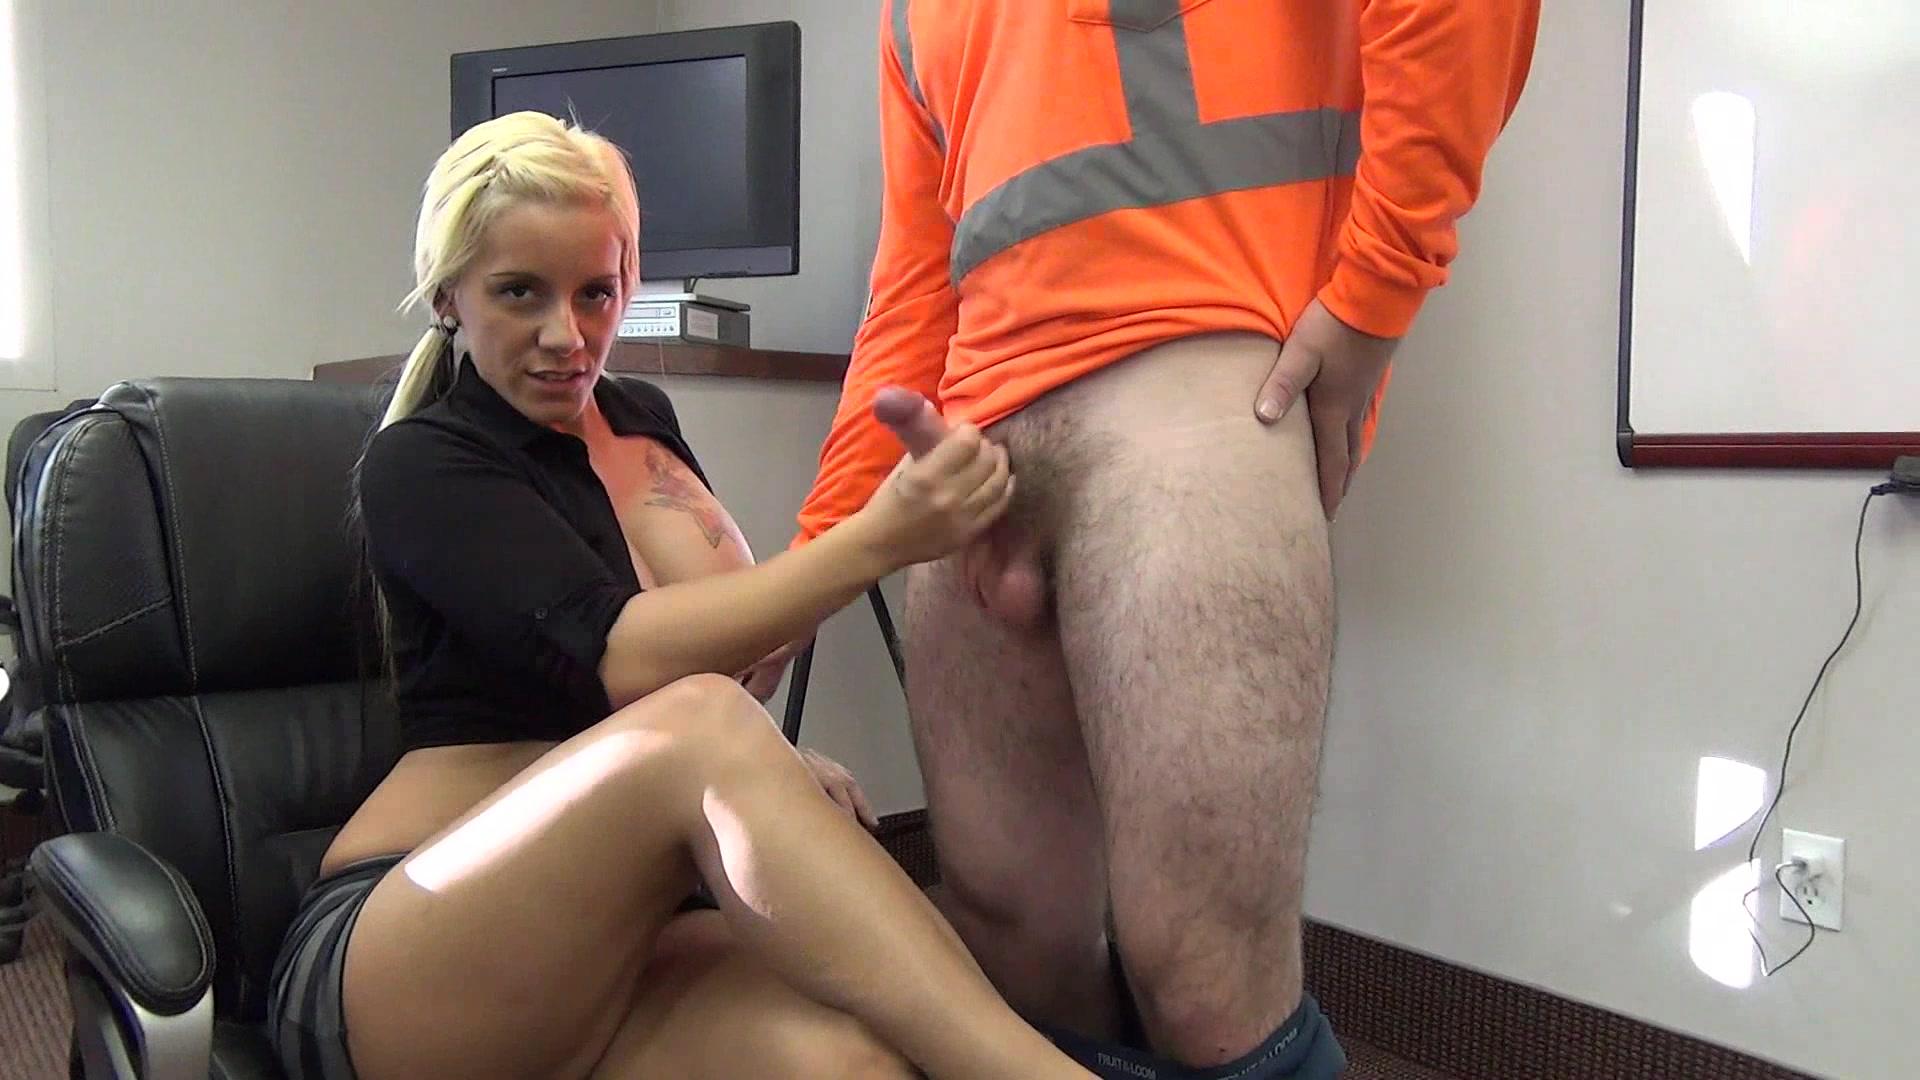 Male bondage jerked off